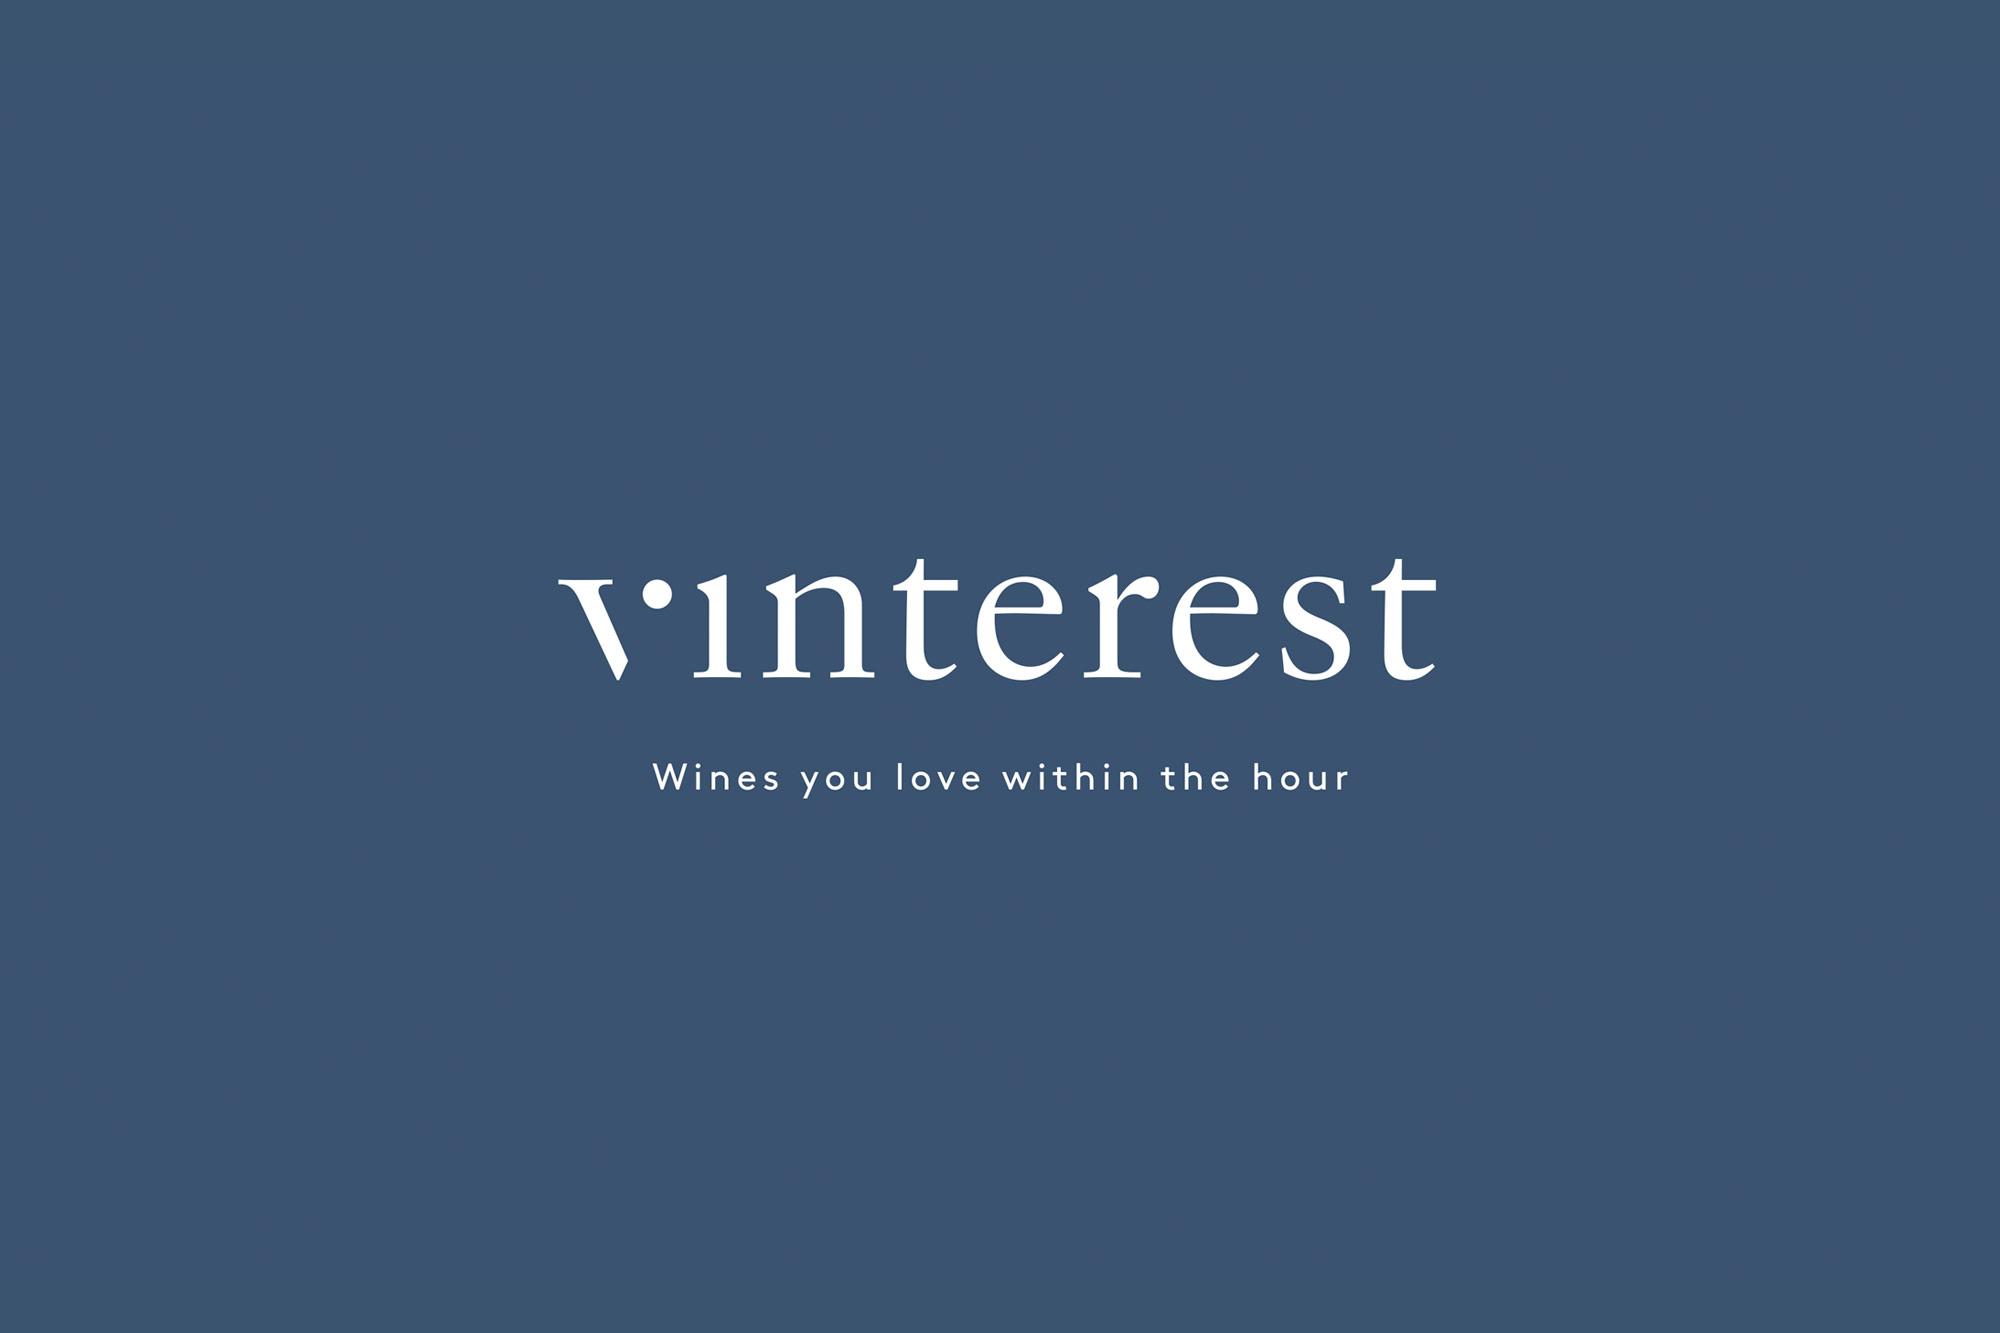 vinterest_cs_v1